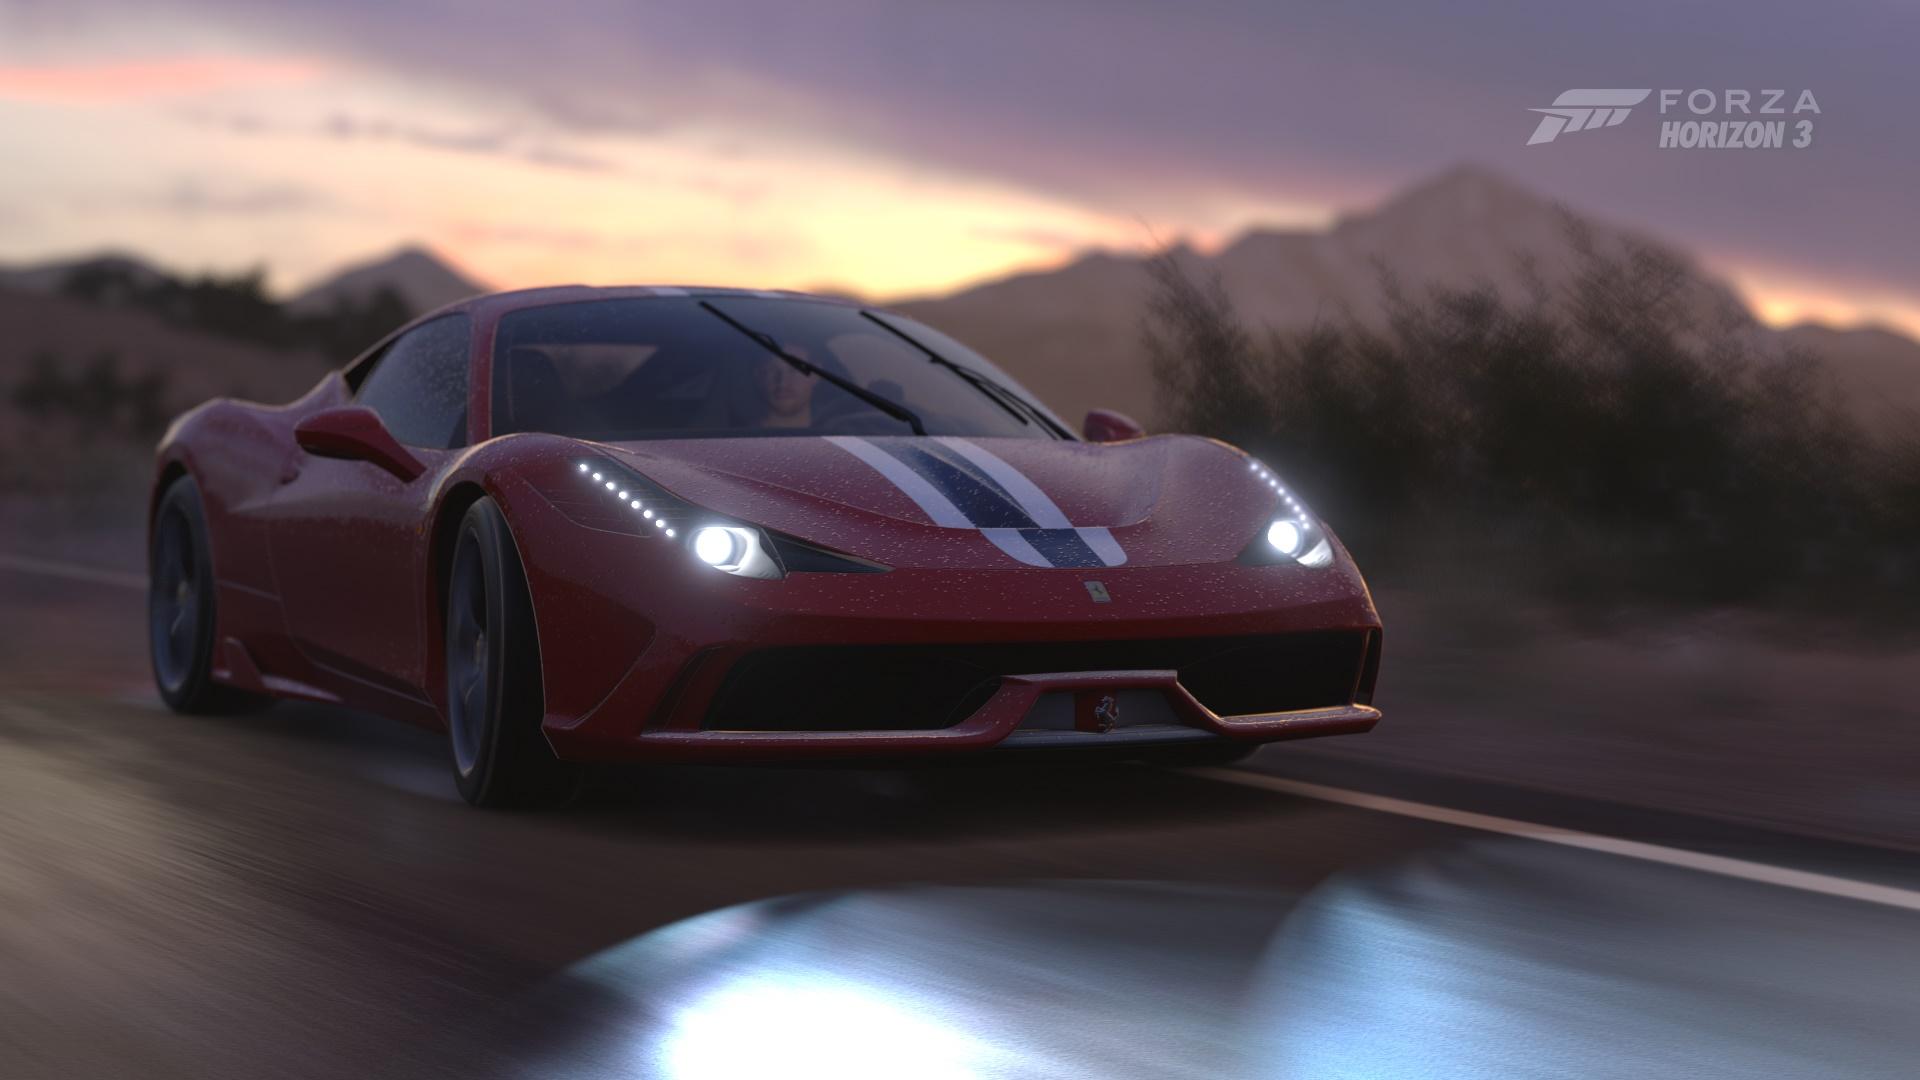 a2146a58-6d36-4433-b0a5-ae9d75d0d821.jpg?n=2013%20Ferrari%20458%20Speciale%20Morc%2057 Fabulous Ferrari Mondial 8 Super Elite Cars Trend